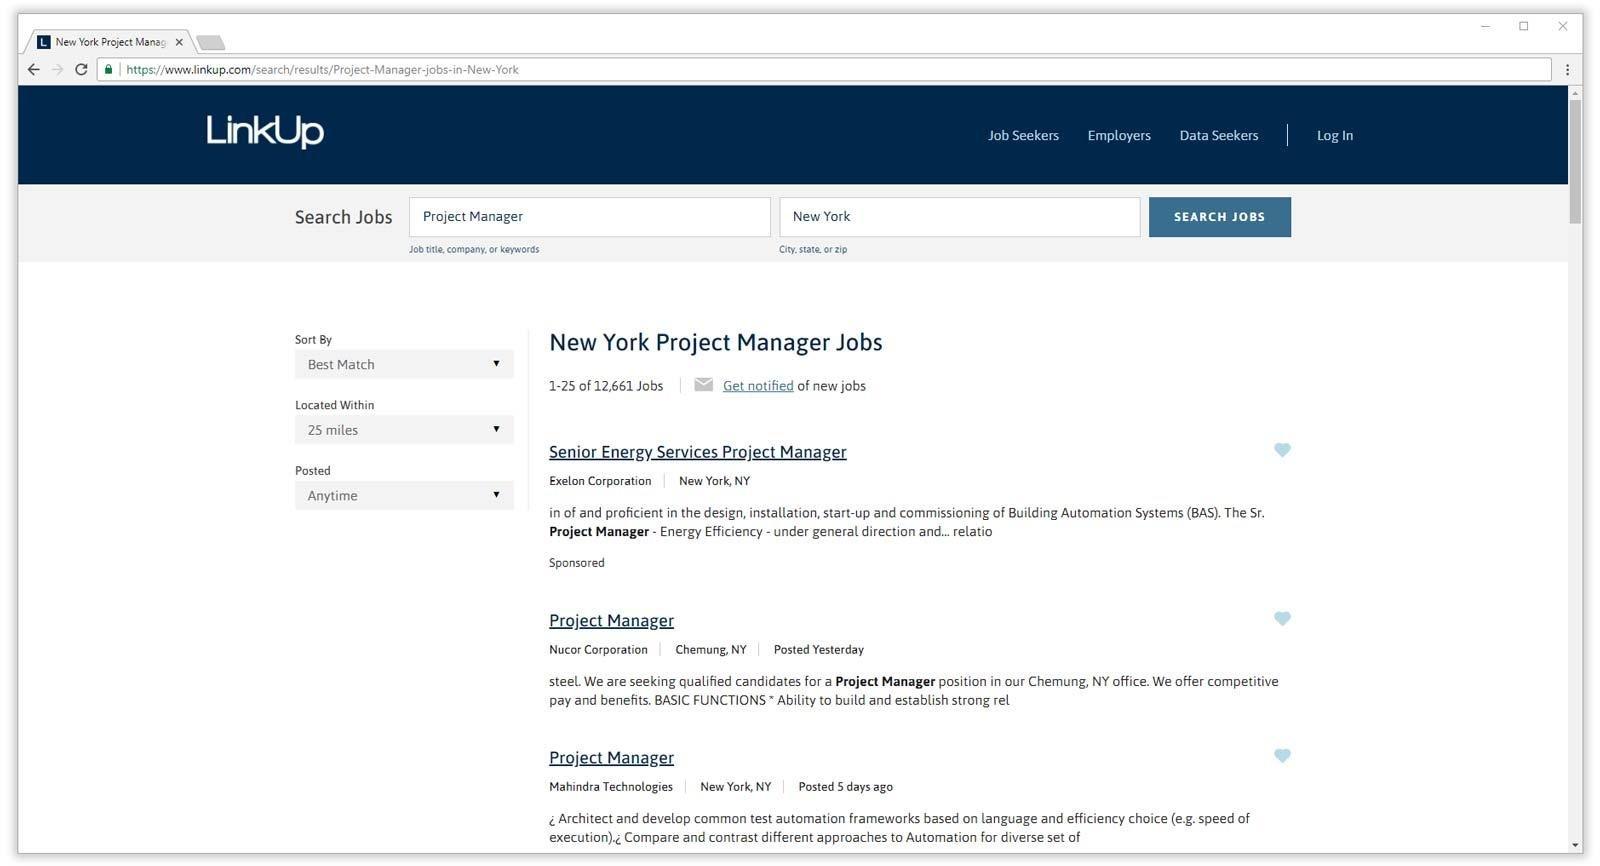 resultados de búsqueda de empleo de linkup